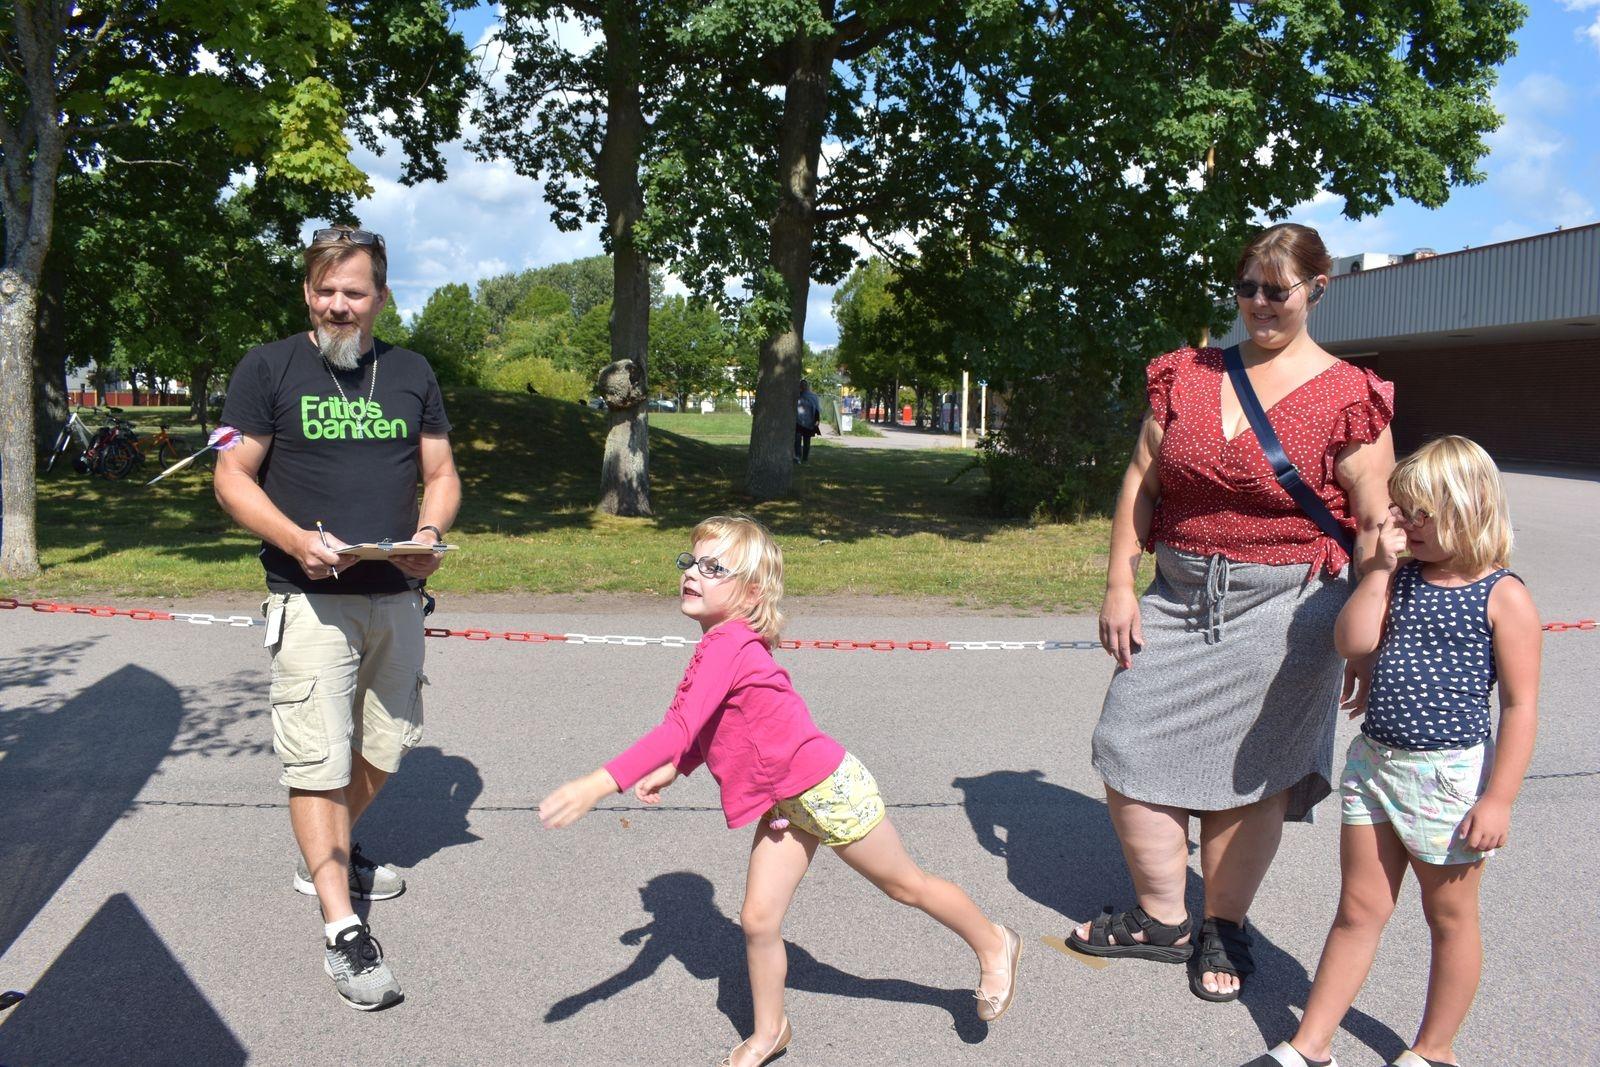 Fritidsbanken i Kalmar hade ordnat en hel del aktiviteter för barnen. Här testar lilla Wilma sina färdigheter i pilkastning framför Eila och Mikaela Berkeby. Patrick Norlin från Fritidsbanken ser till att räkna poäng.